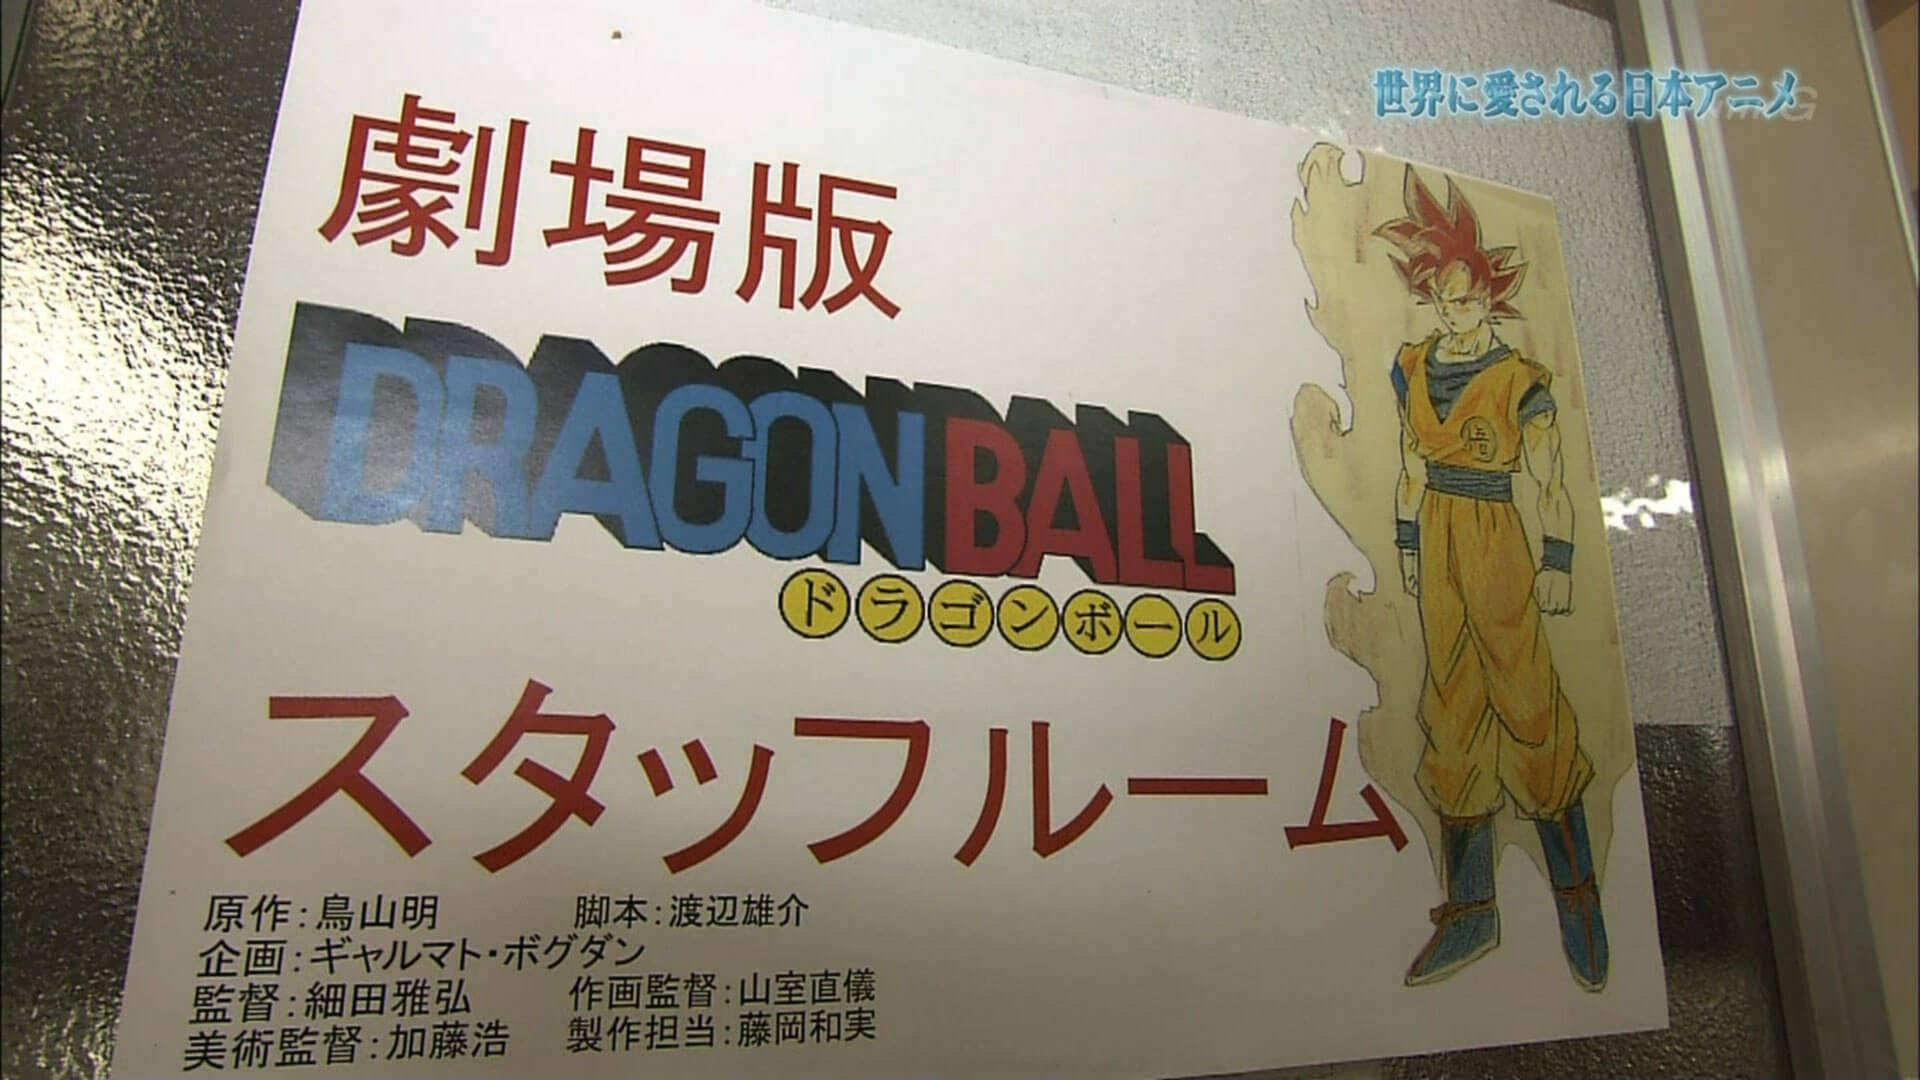 nhà sản xuất hoạt hình dragon ball